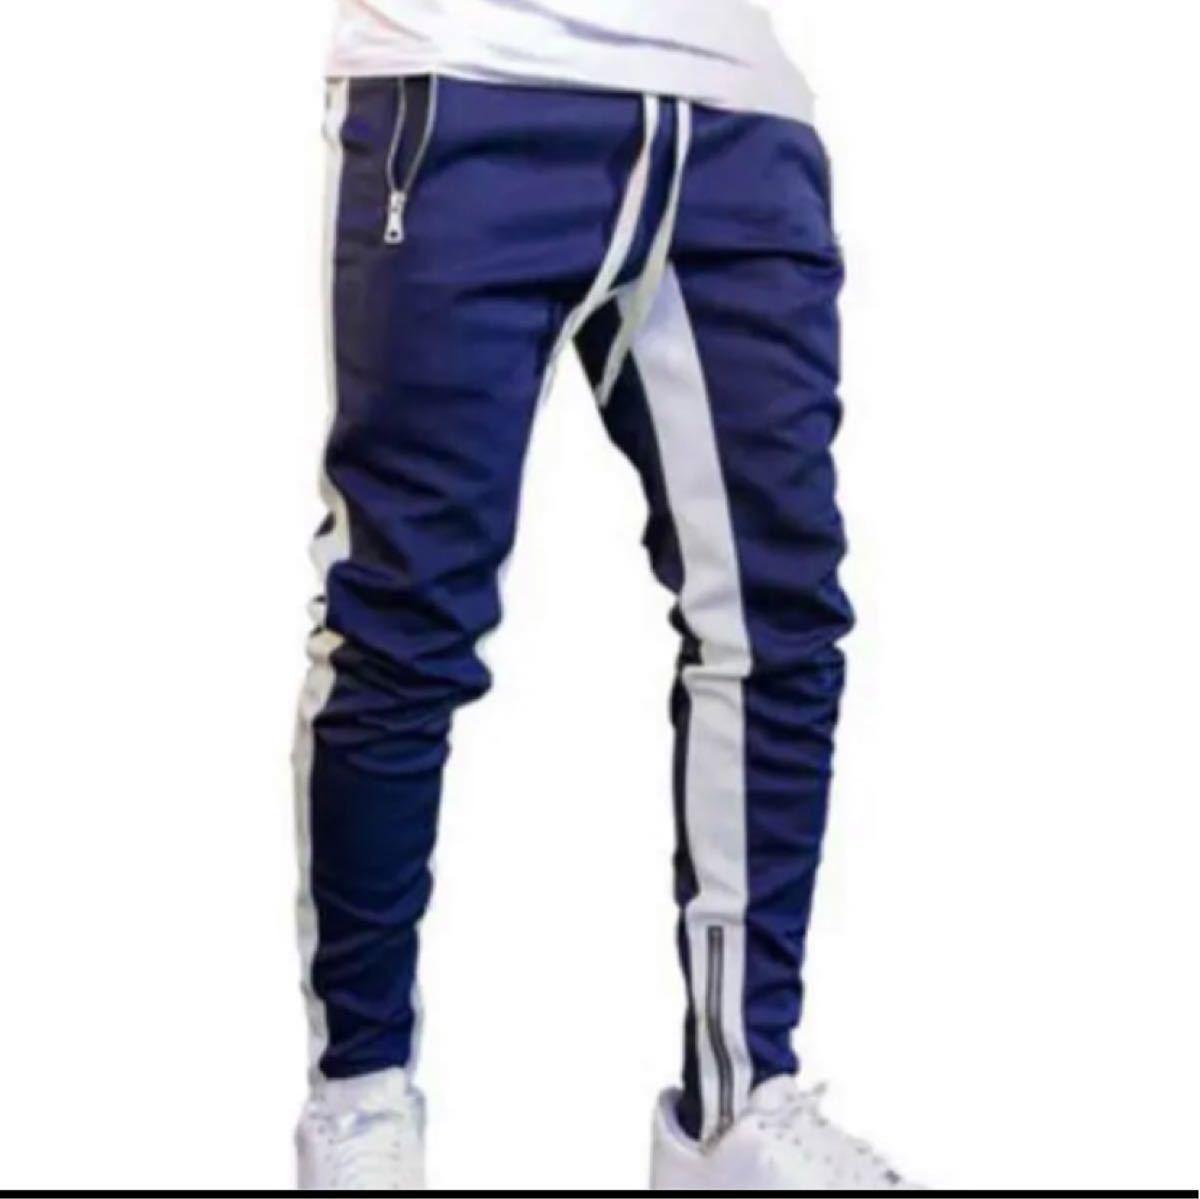 ラインパンツ ジョガーパンツ メンズ スウェット 白 ホワイト 紺 ネイビー M  PANTS BLACK サルエルパンツ